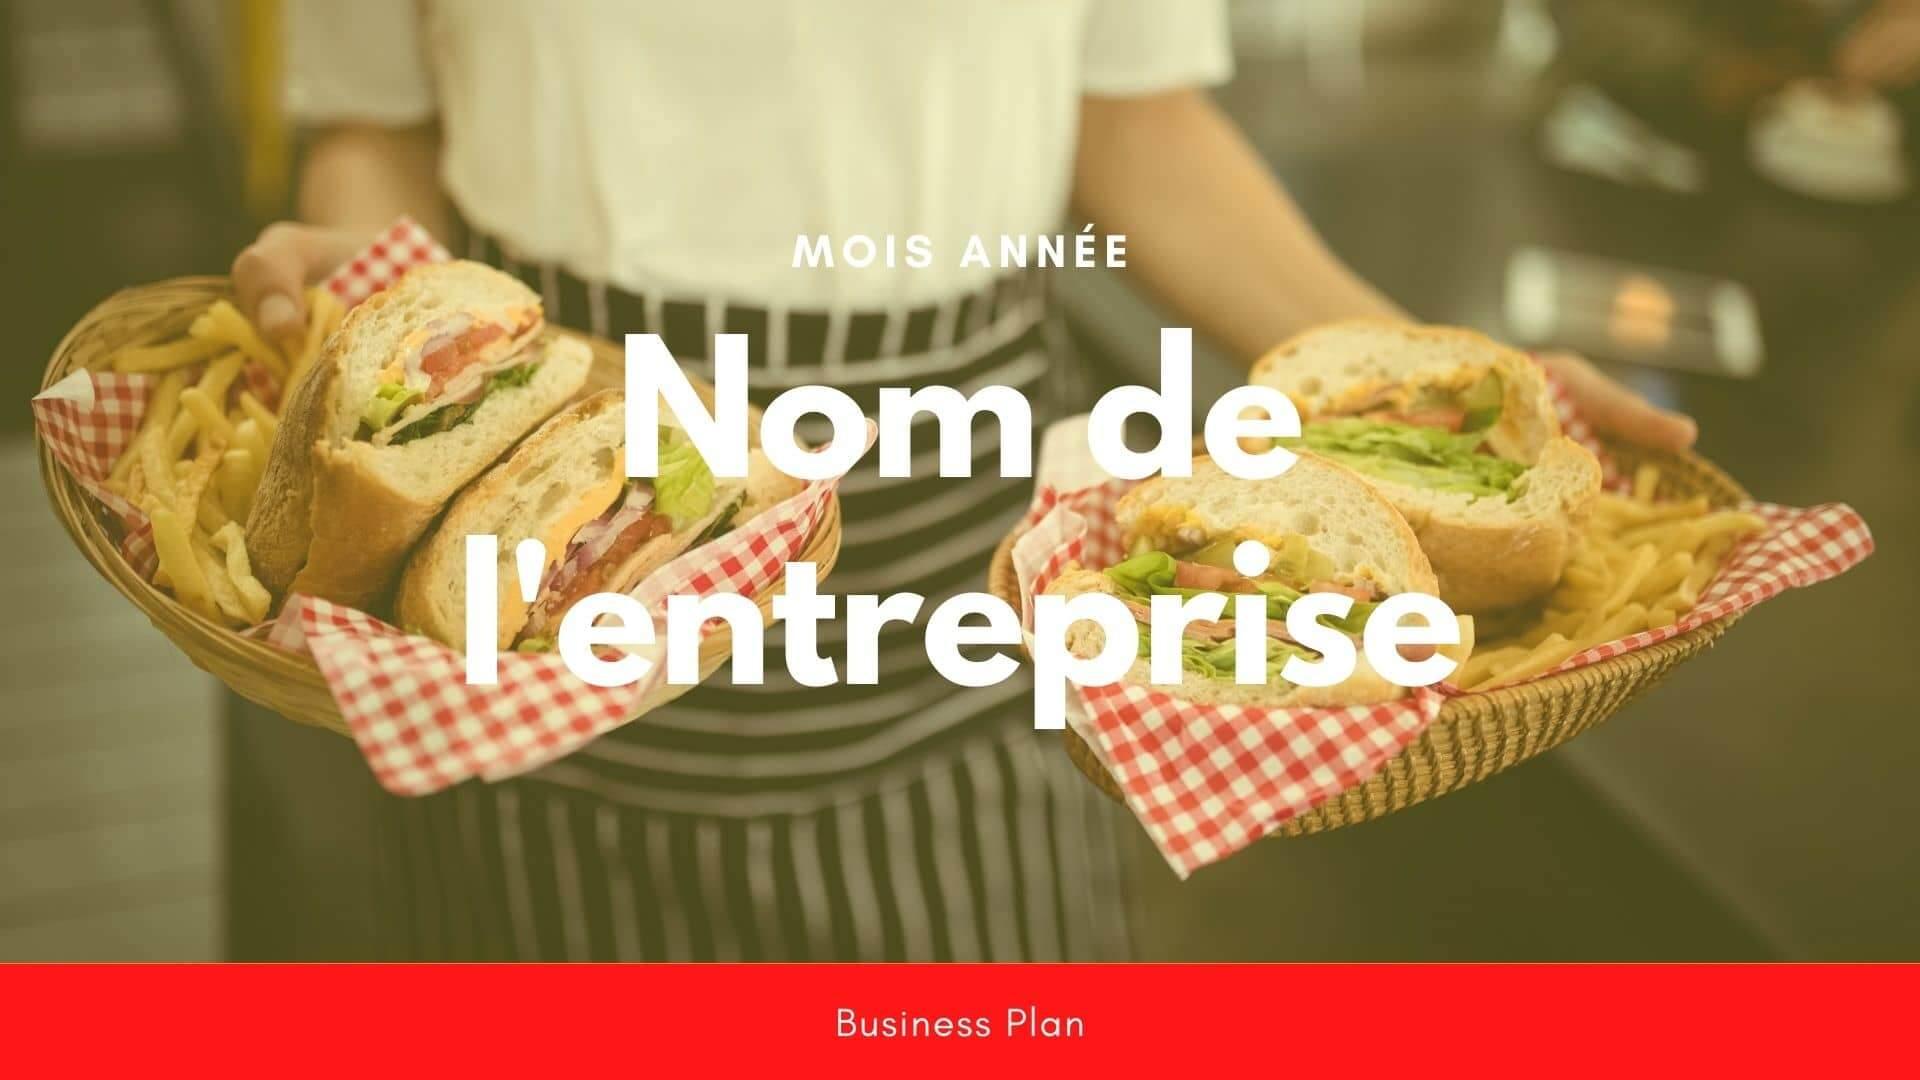 Modèle de business plan - Fast food